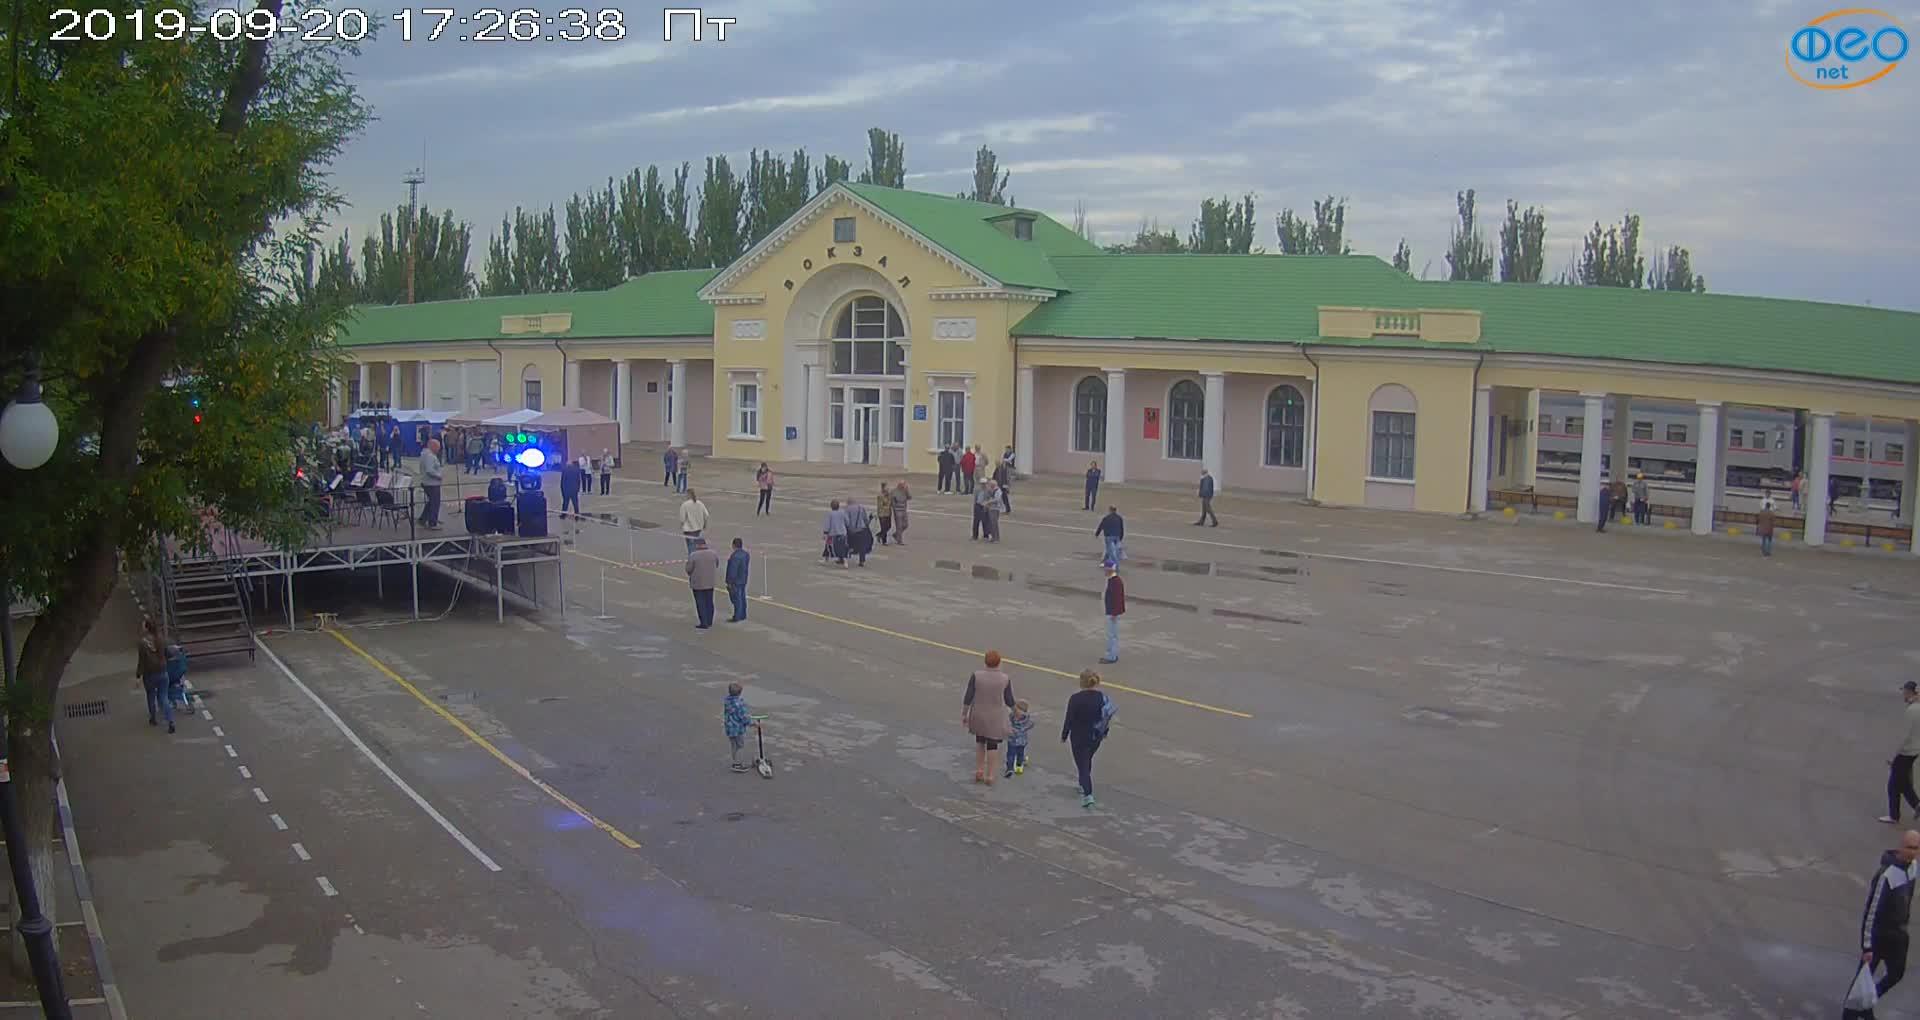 Веб-камеры Феодосии, Привокзальная площадь, 2019-09-20 17:43:08